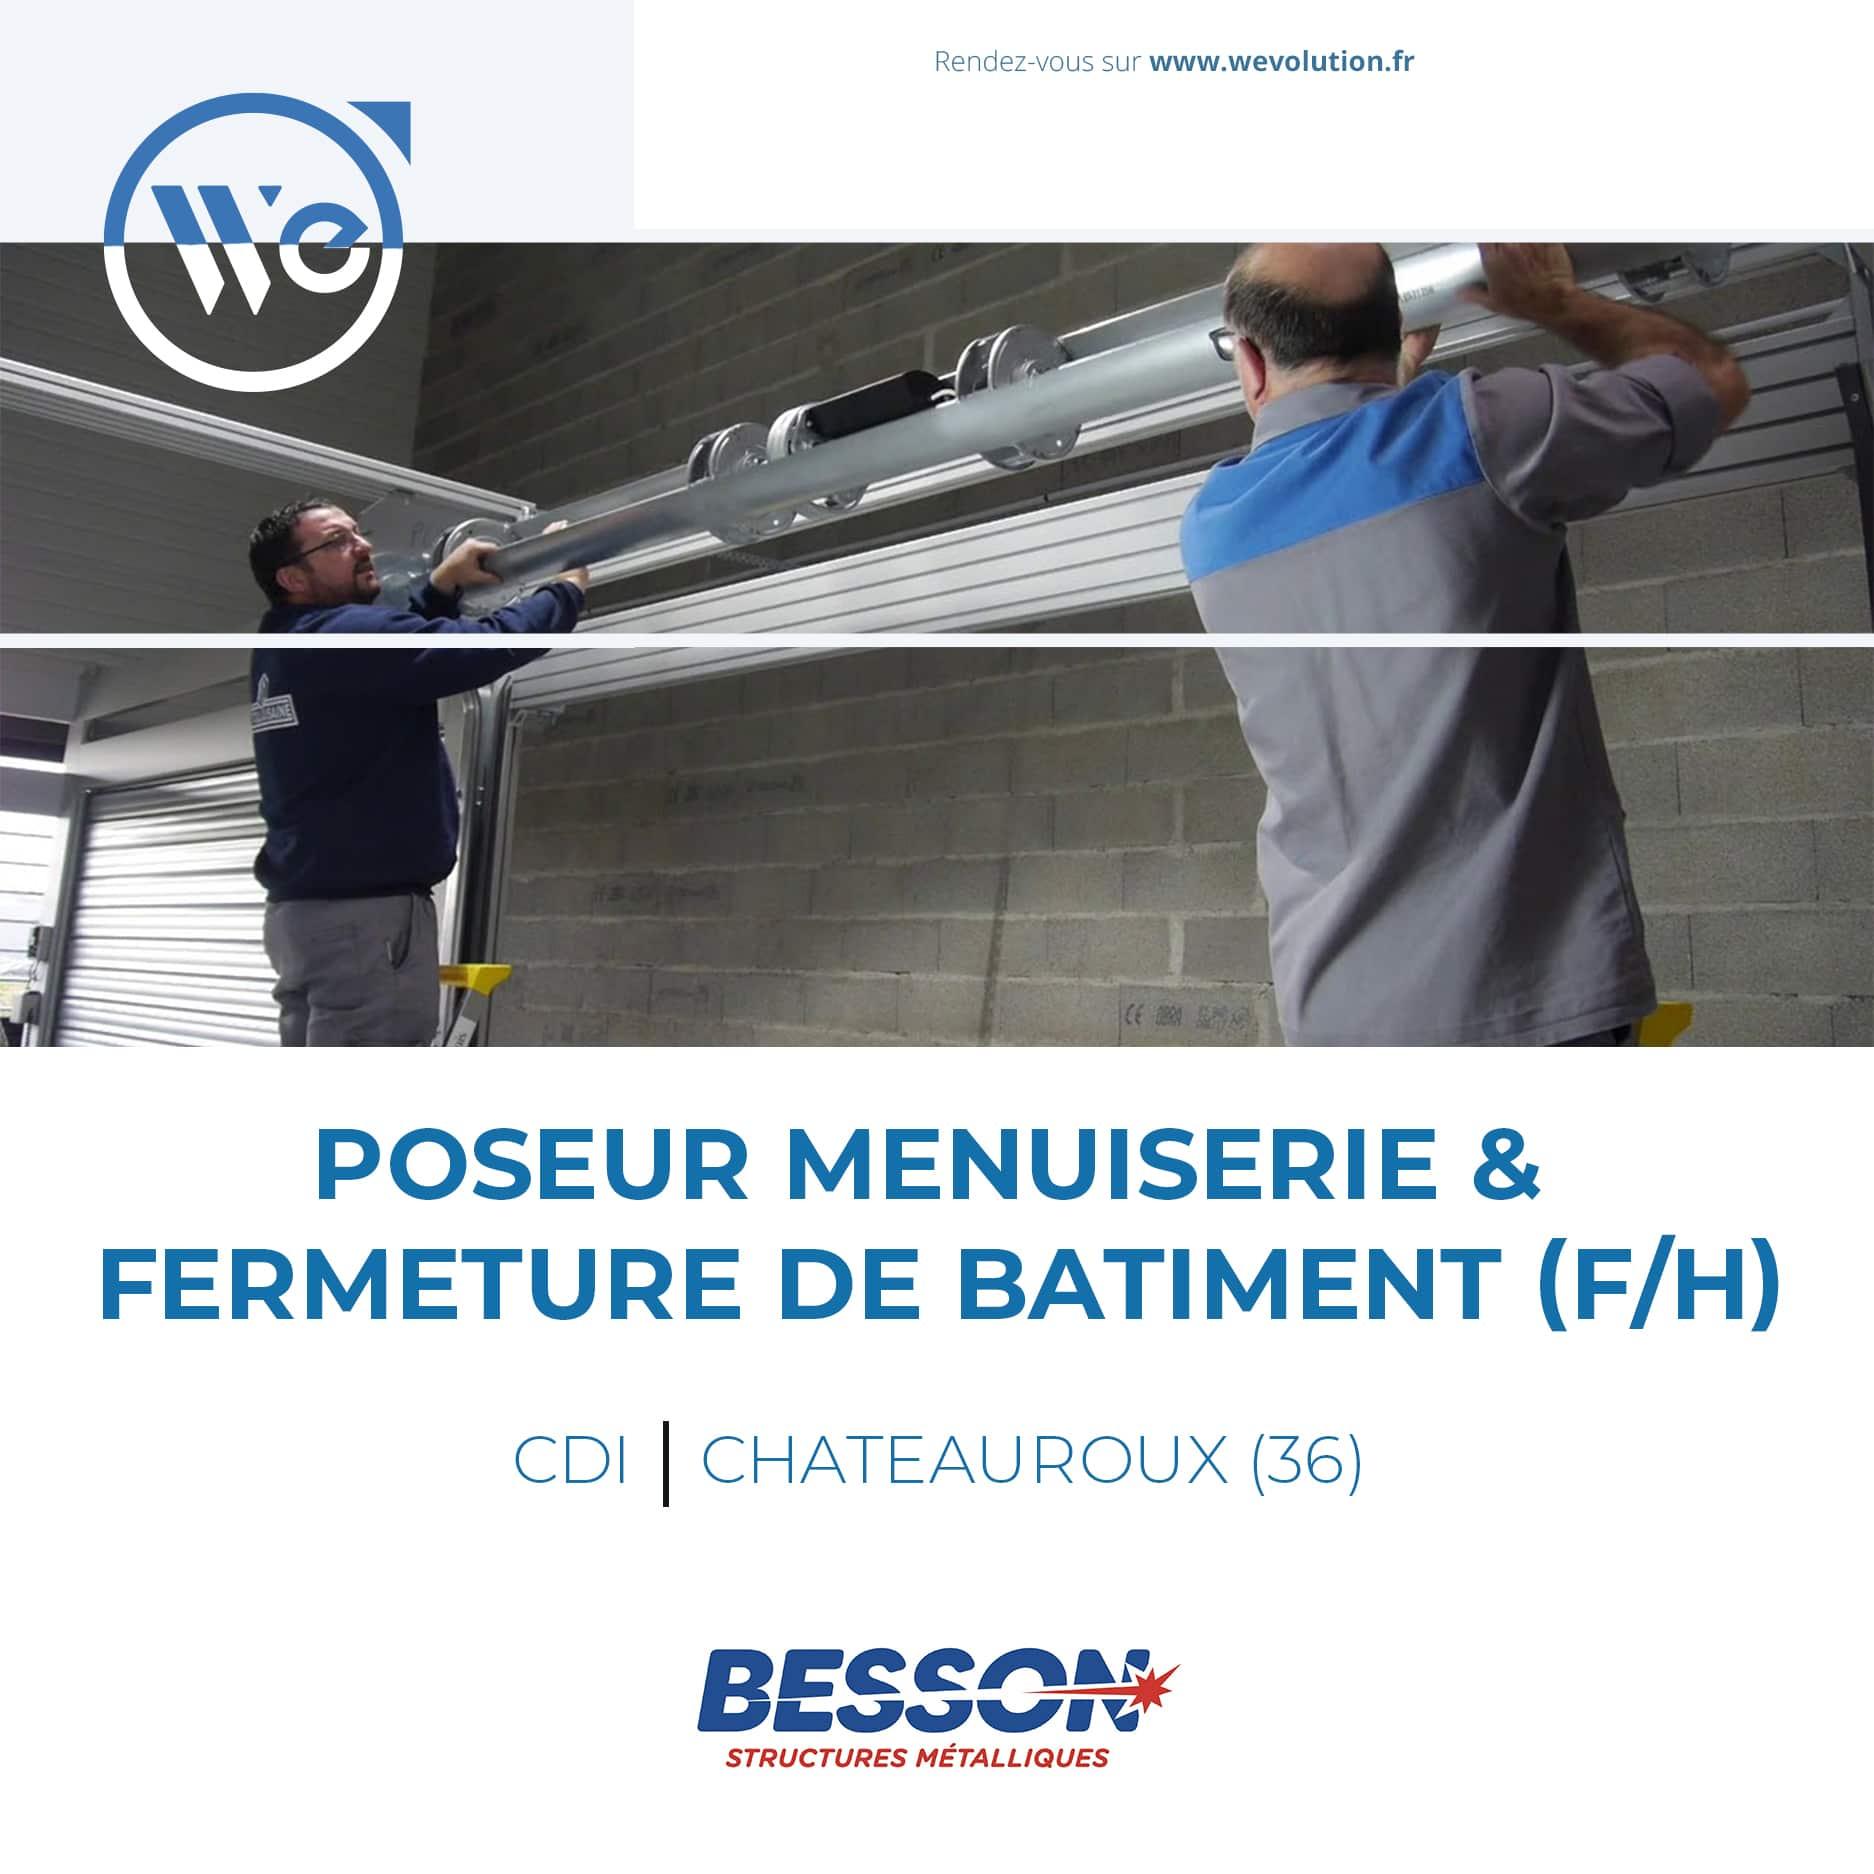 POSEUR MENUISERIE & FERMETURE DE BATIMENT (F/H)